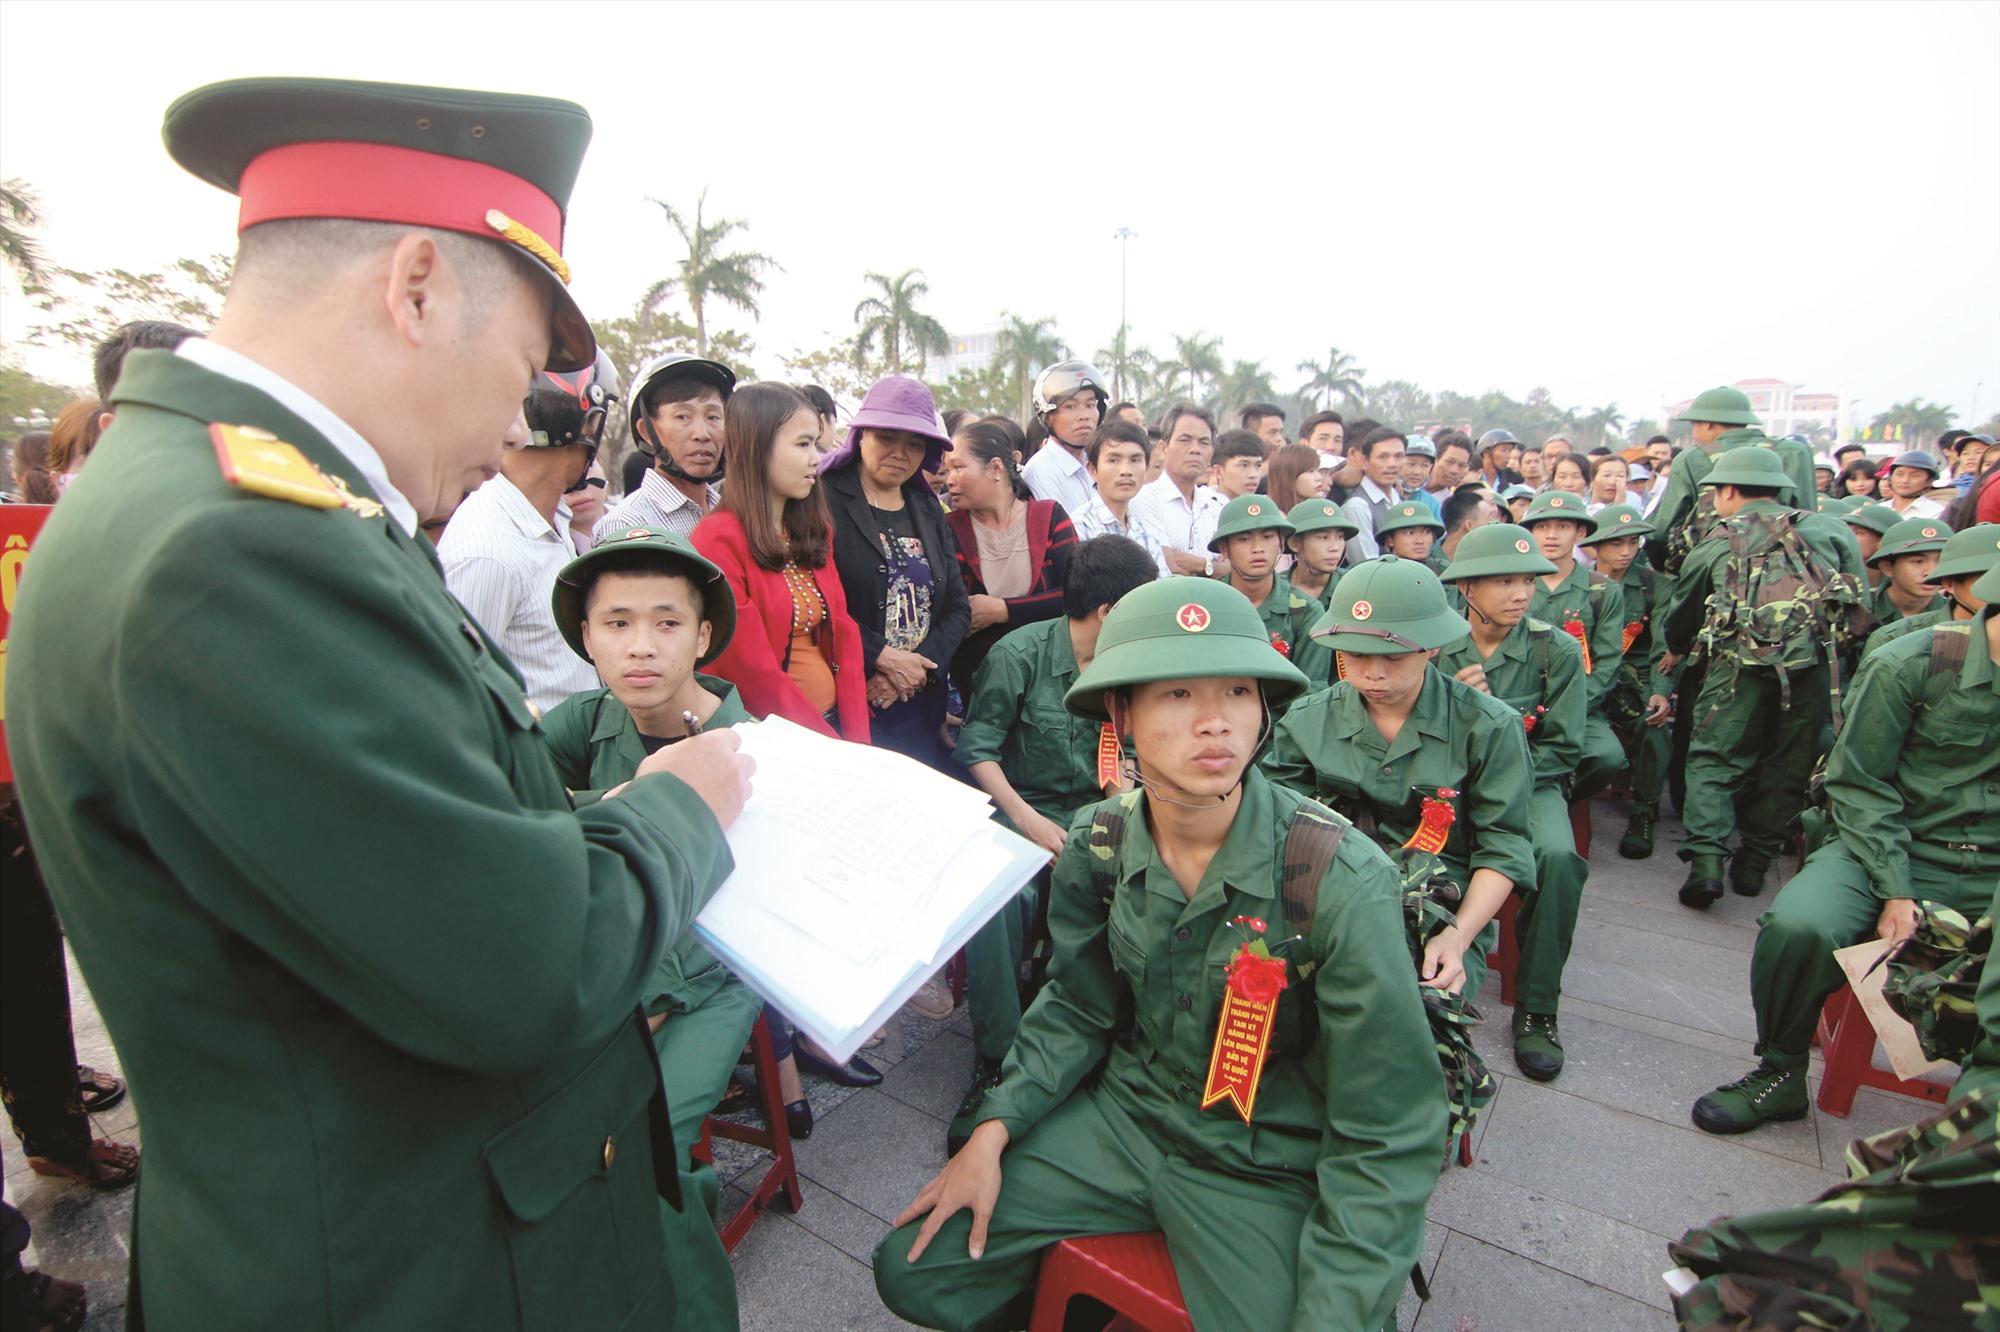 Hôm nay 10.2, Quảng Nam có 2.450 thanh niên lên đường nhập ngũ. Ảnh: T.C